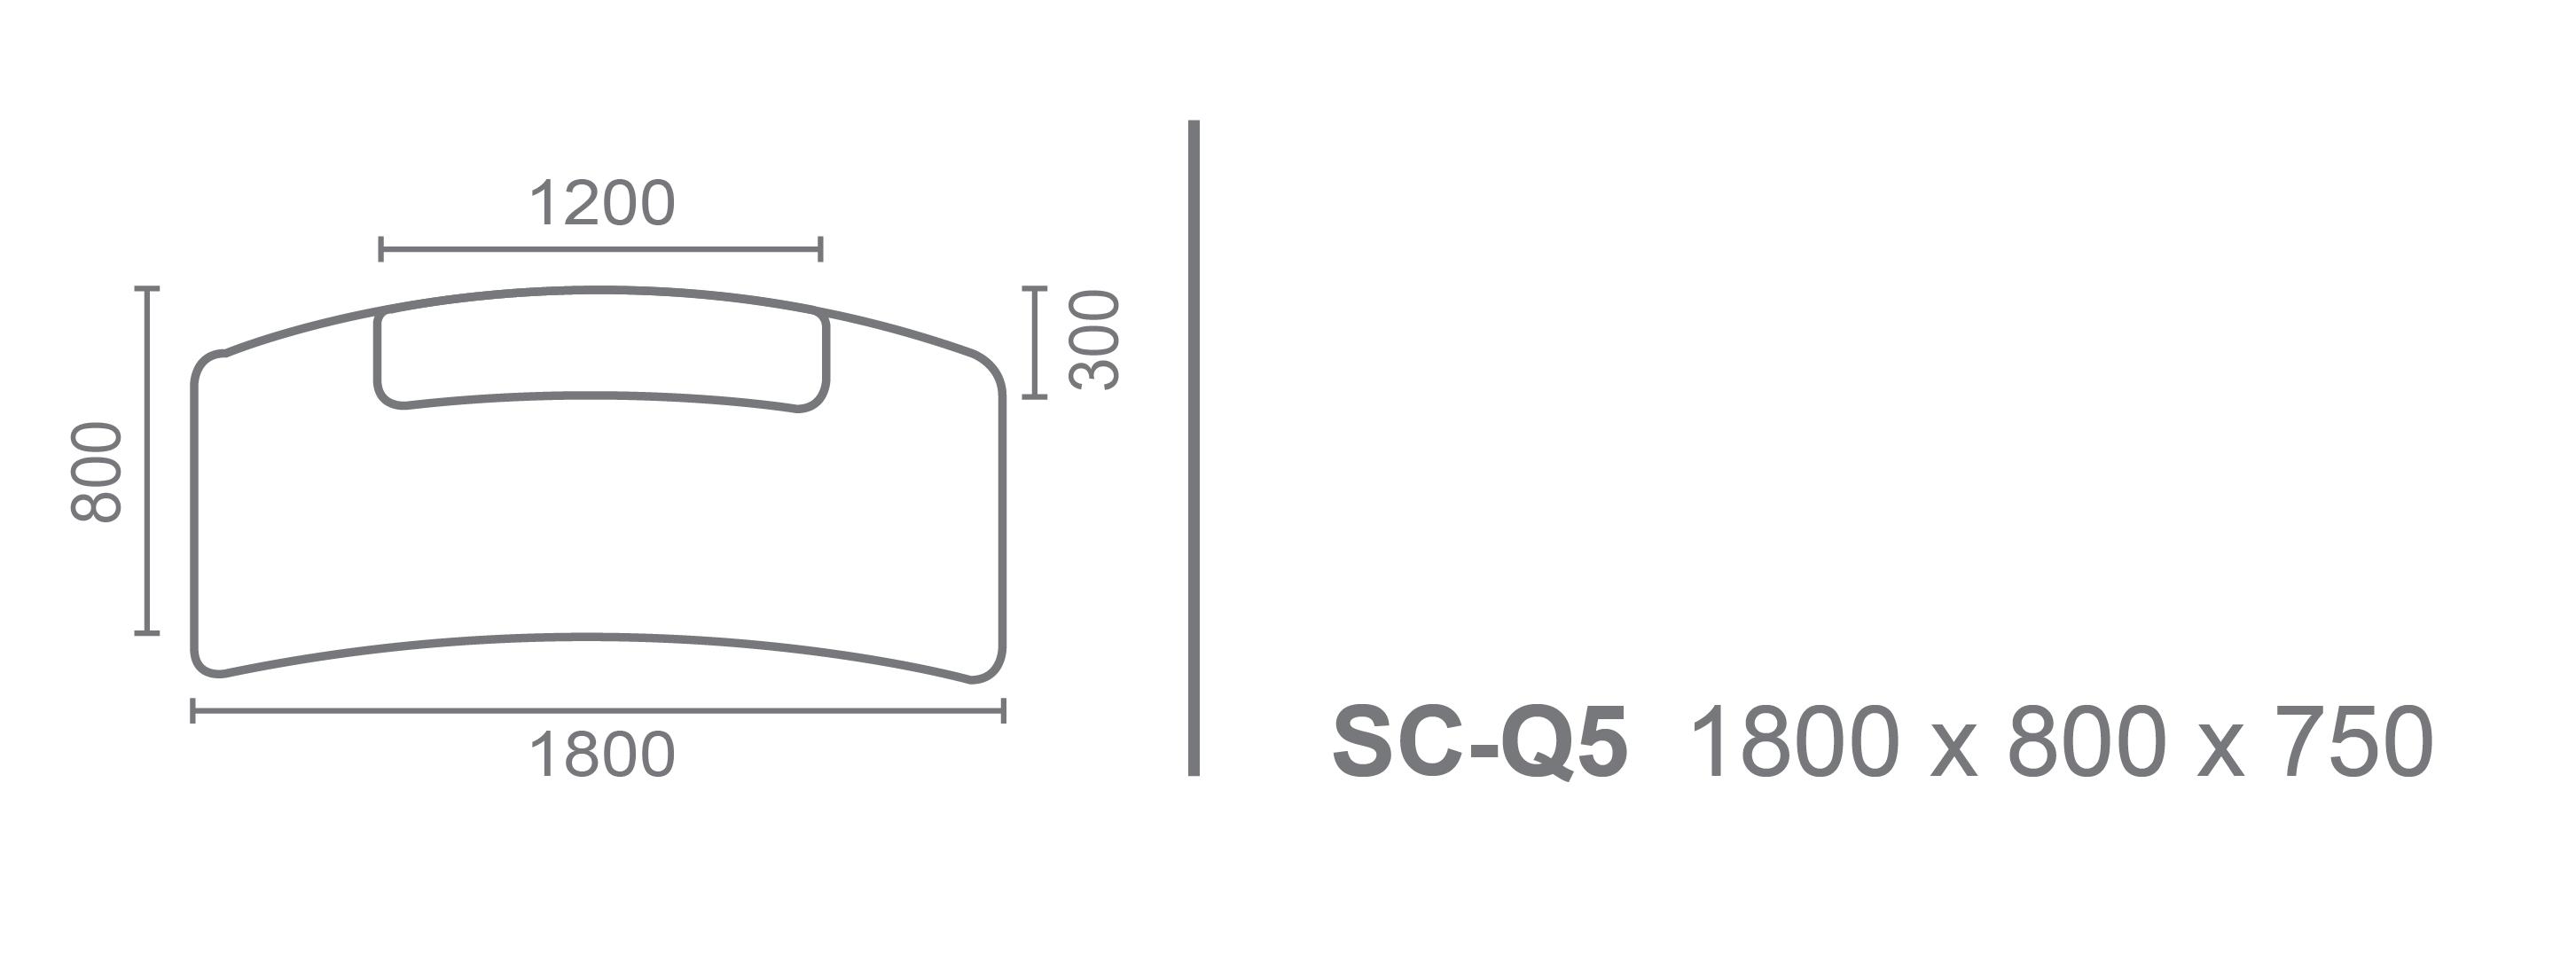 SC-Q5